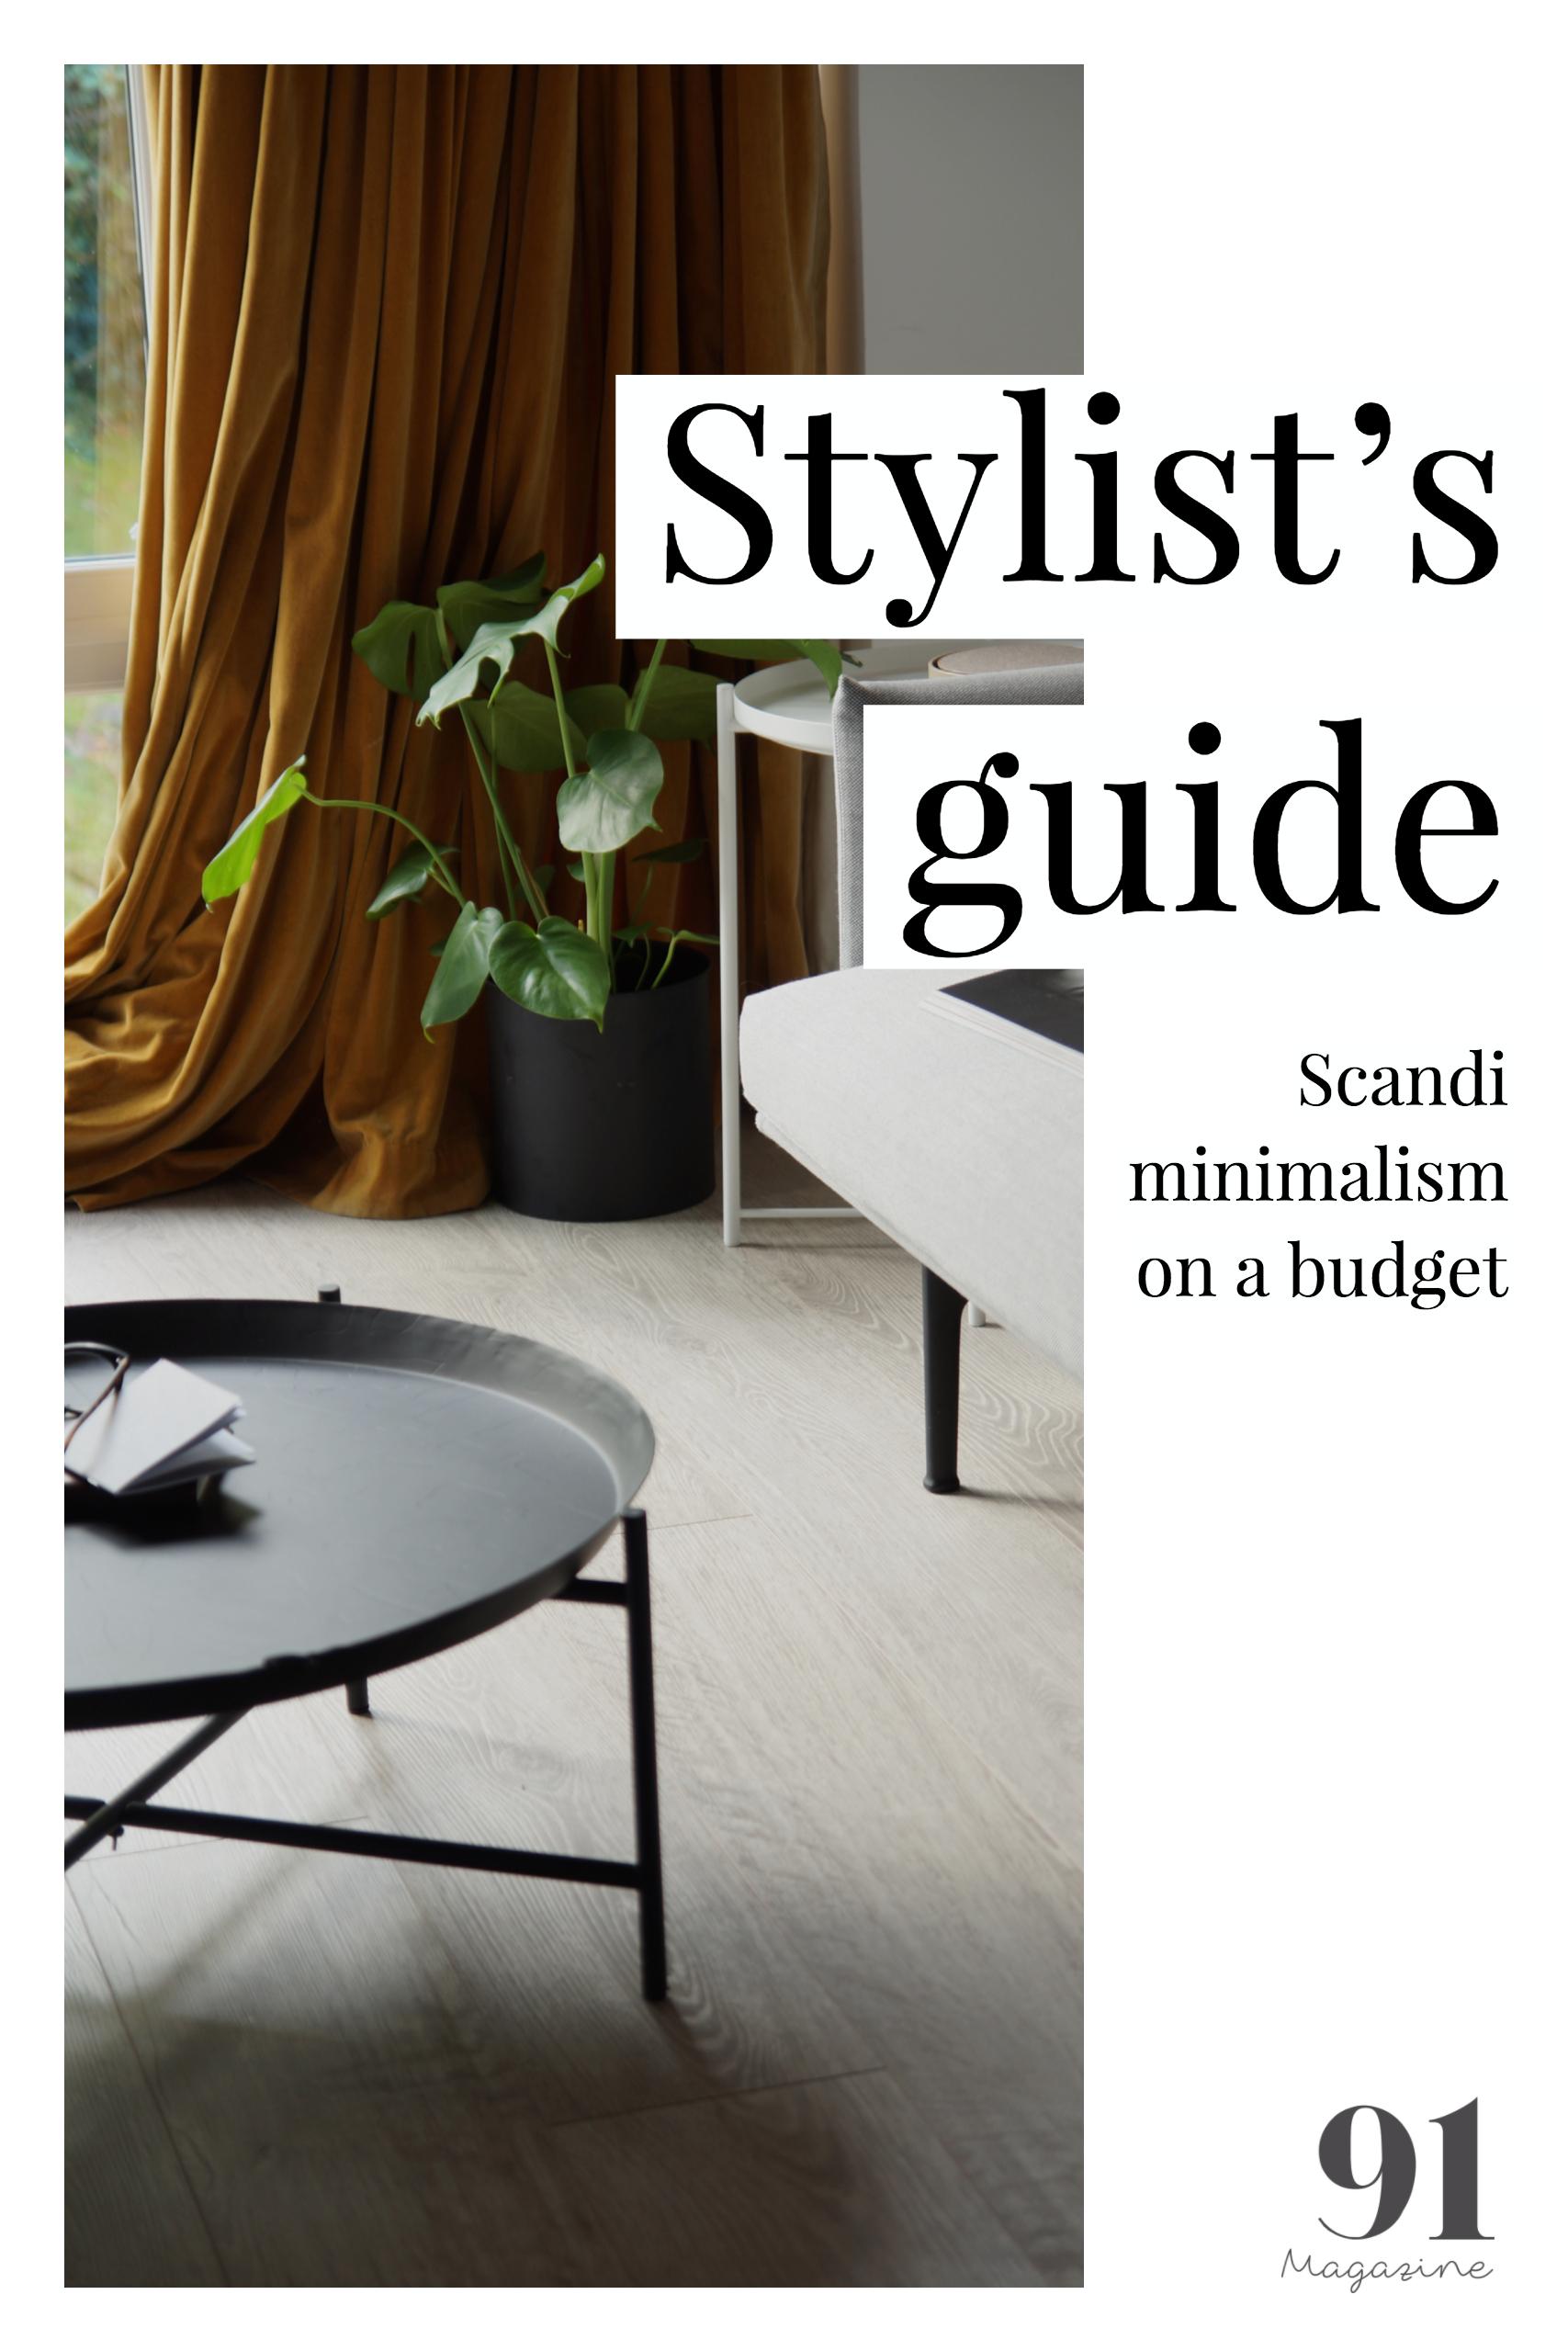 Stylists guide to Scandi Minimalism on a budget